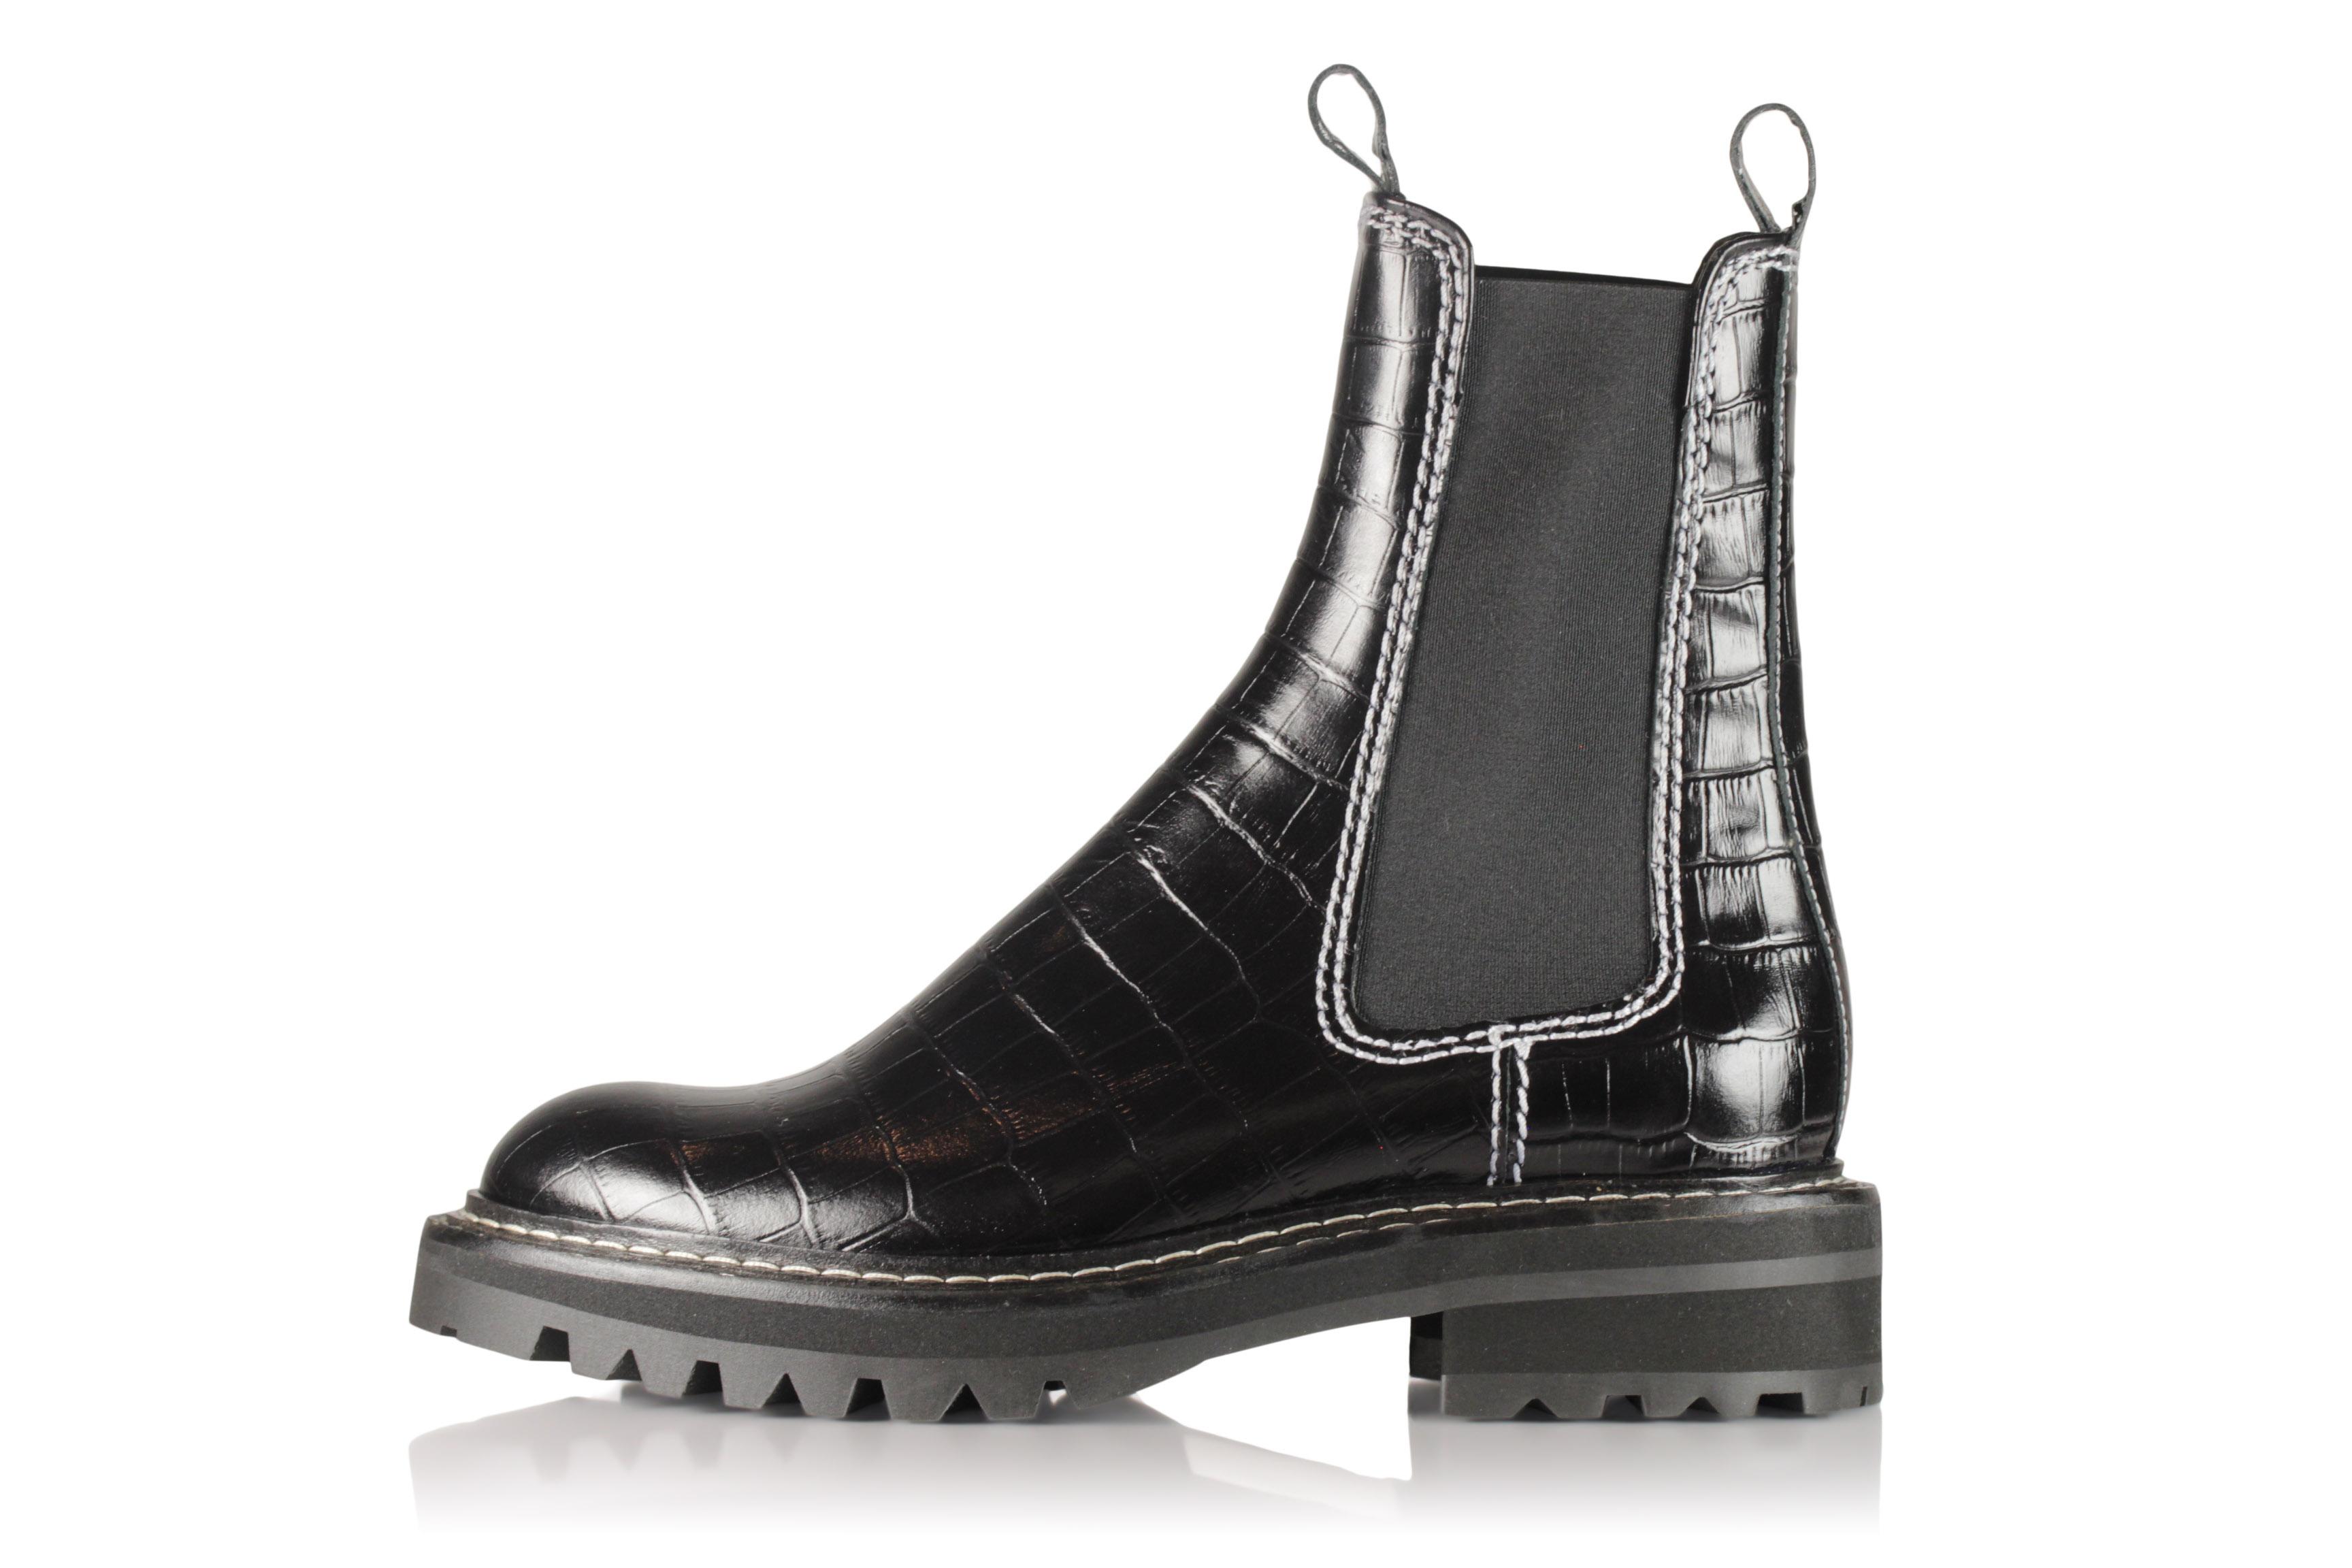 Billi Bi A1474 støvle